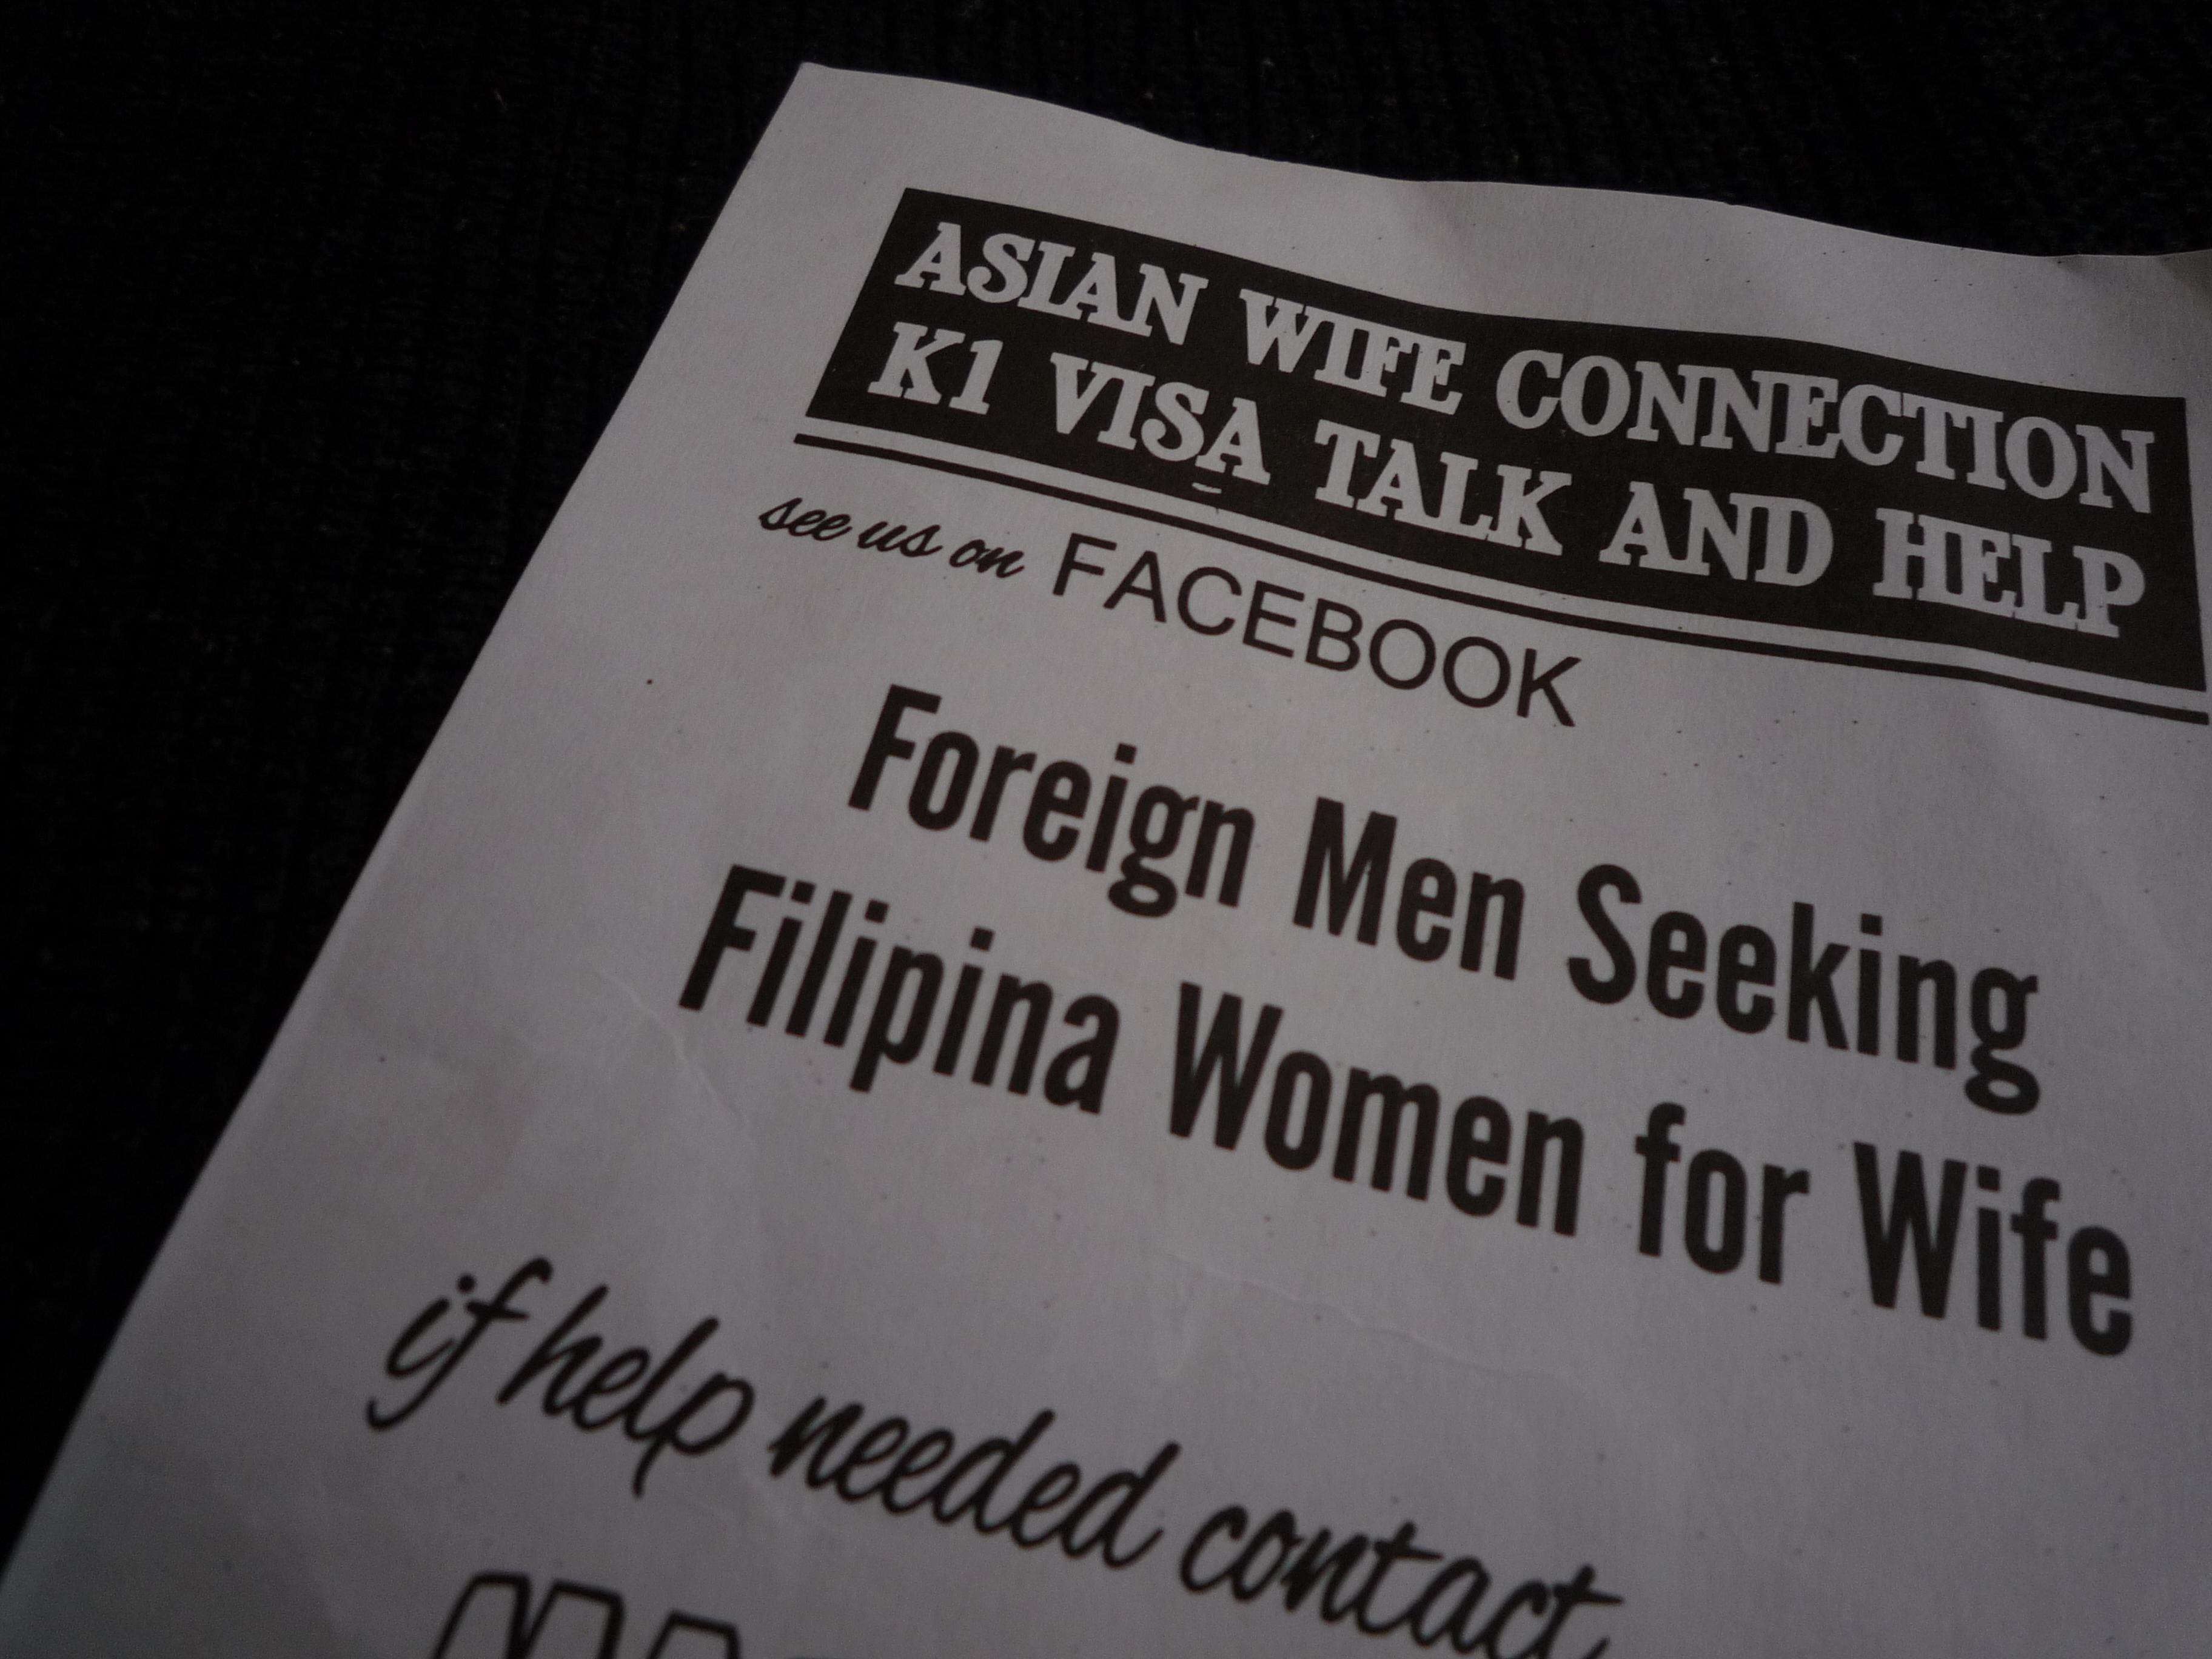 「外国人男性が妻としてフィリピン女性を探しています」